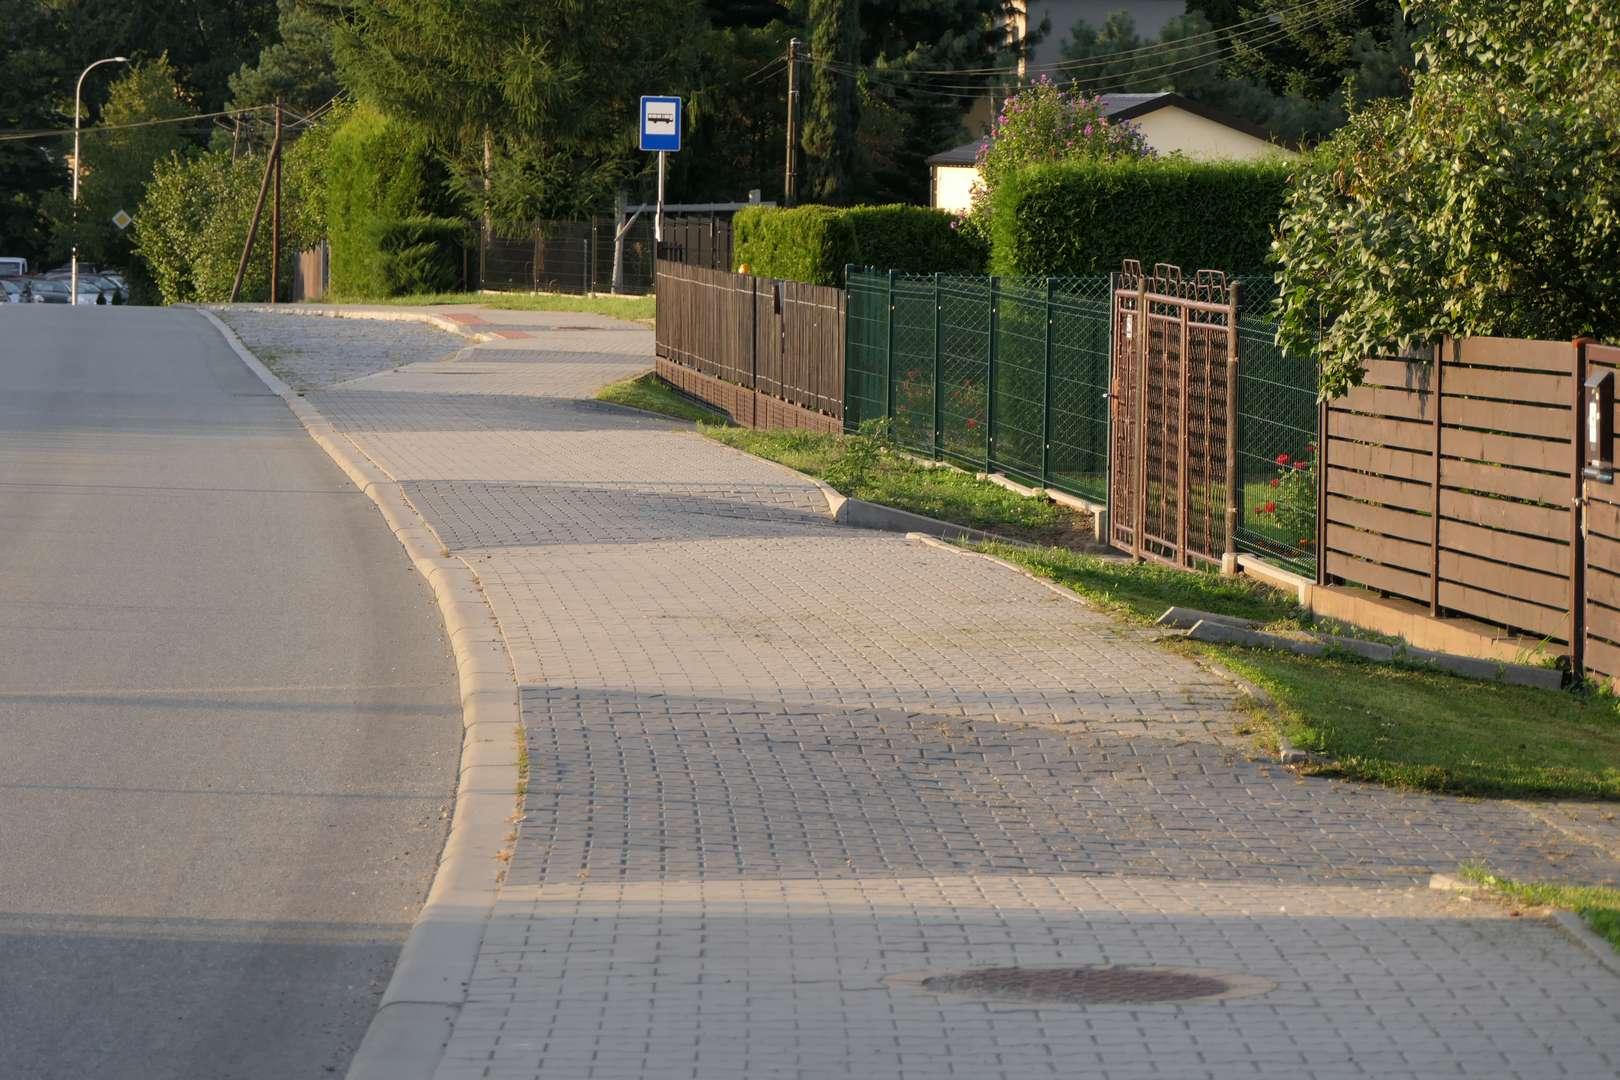 Obniżone wjazdy do posesji w Boguszowicach znacznie utrudniają korzystanie z drogi rowerowej.